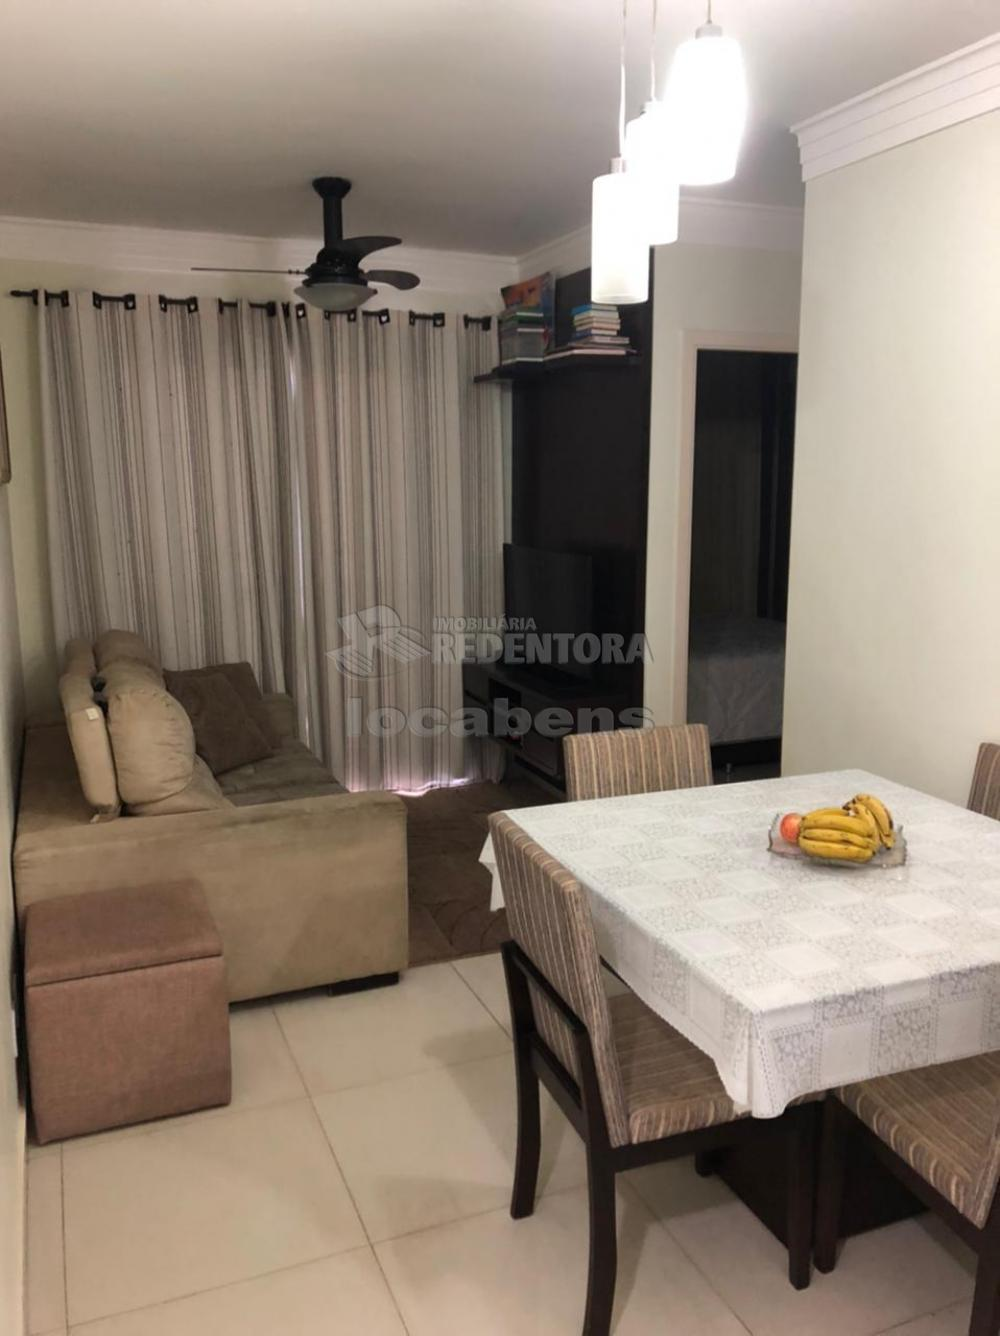 Comprar Apartamento / Padrão em São José do Rio Preto apenas R$ 270.000,00 - Foto 18